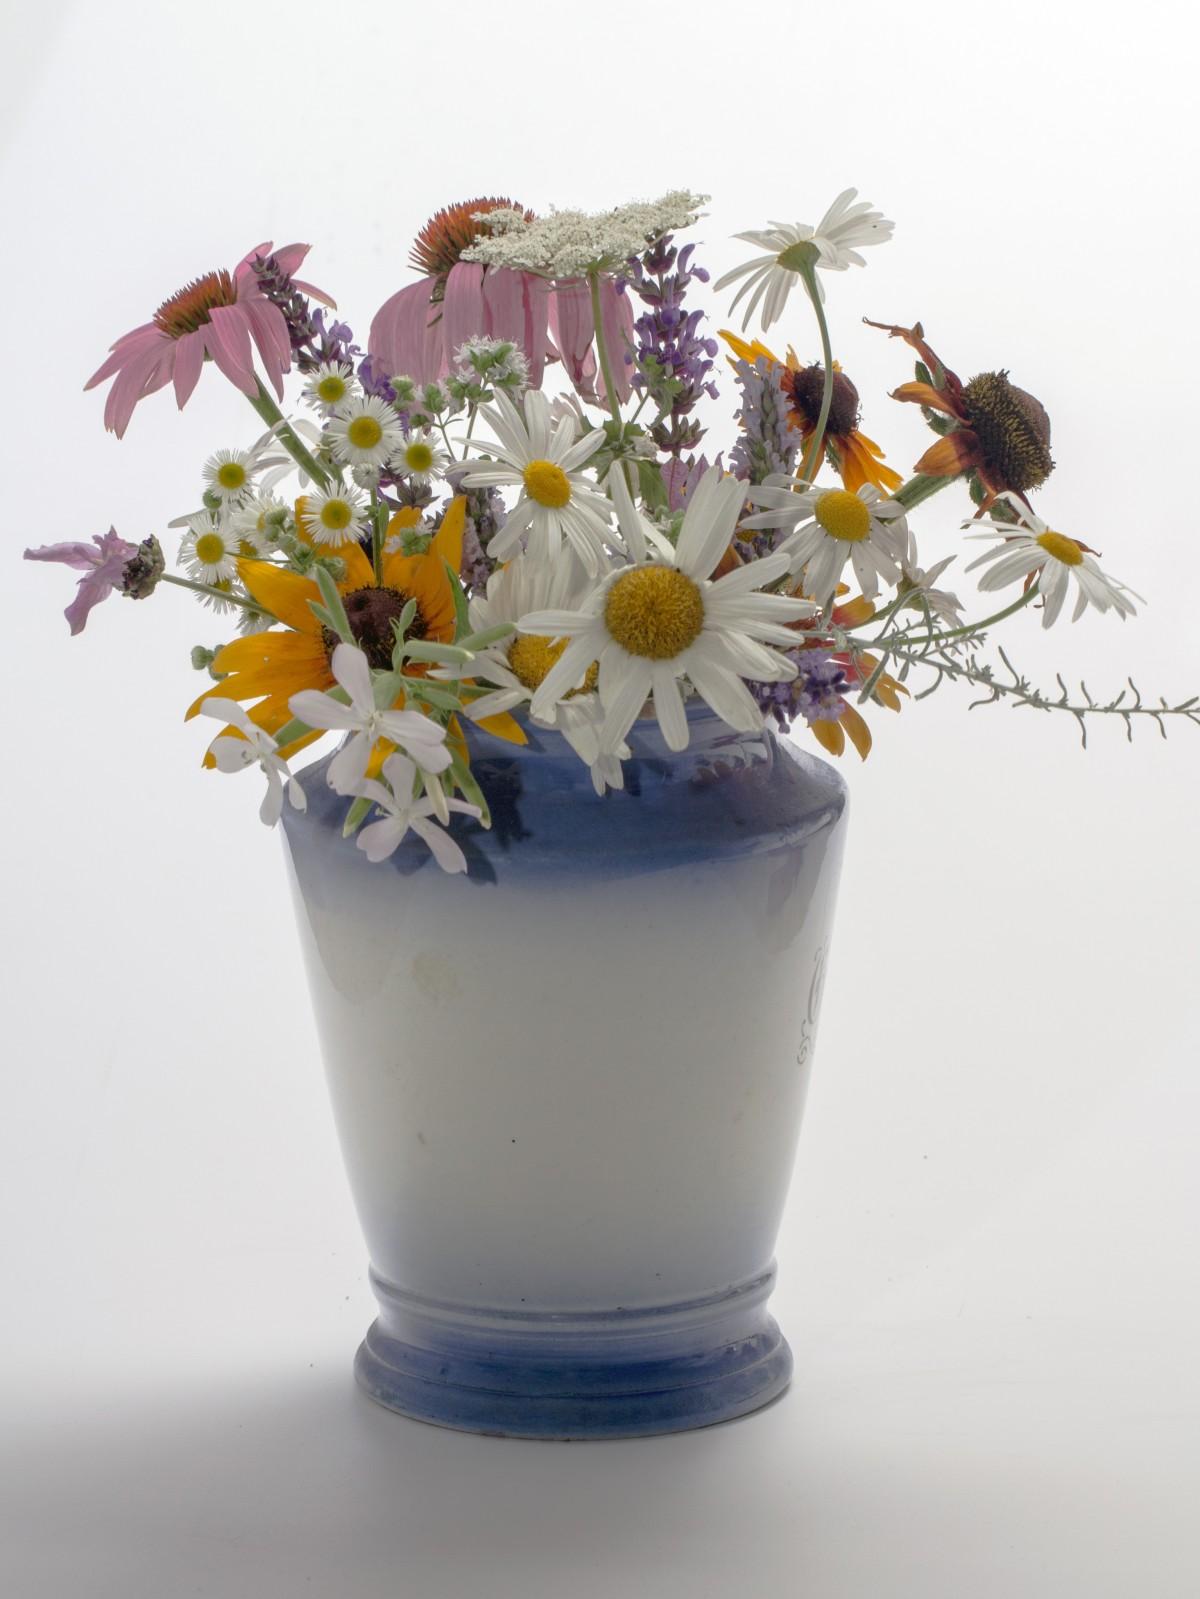 Free images plant balcony vase decoration lighting - Decorative flower vase ...